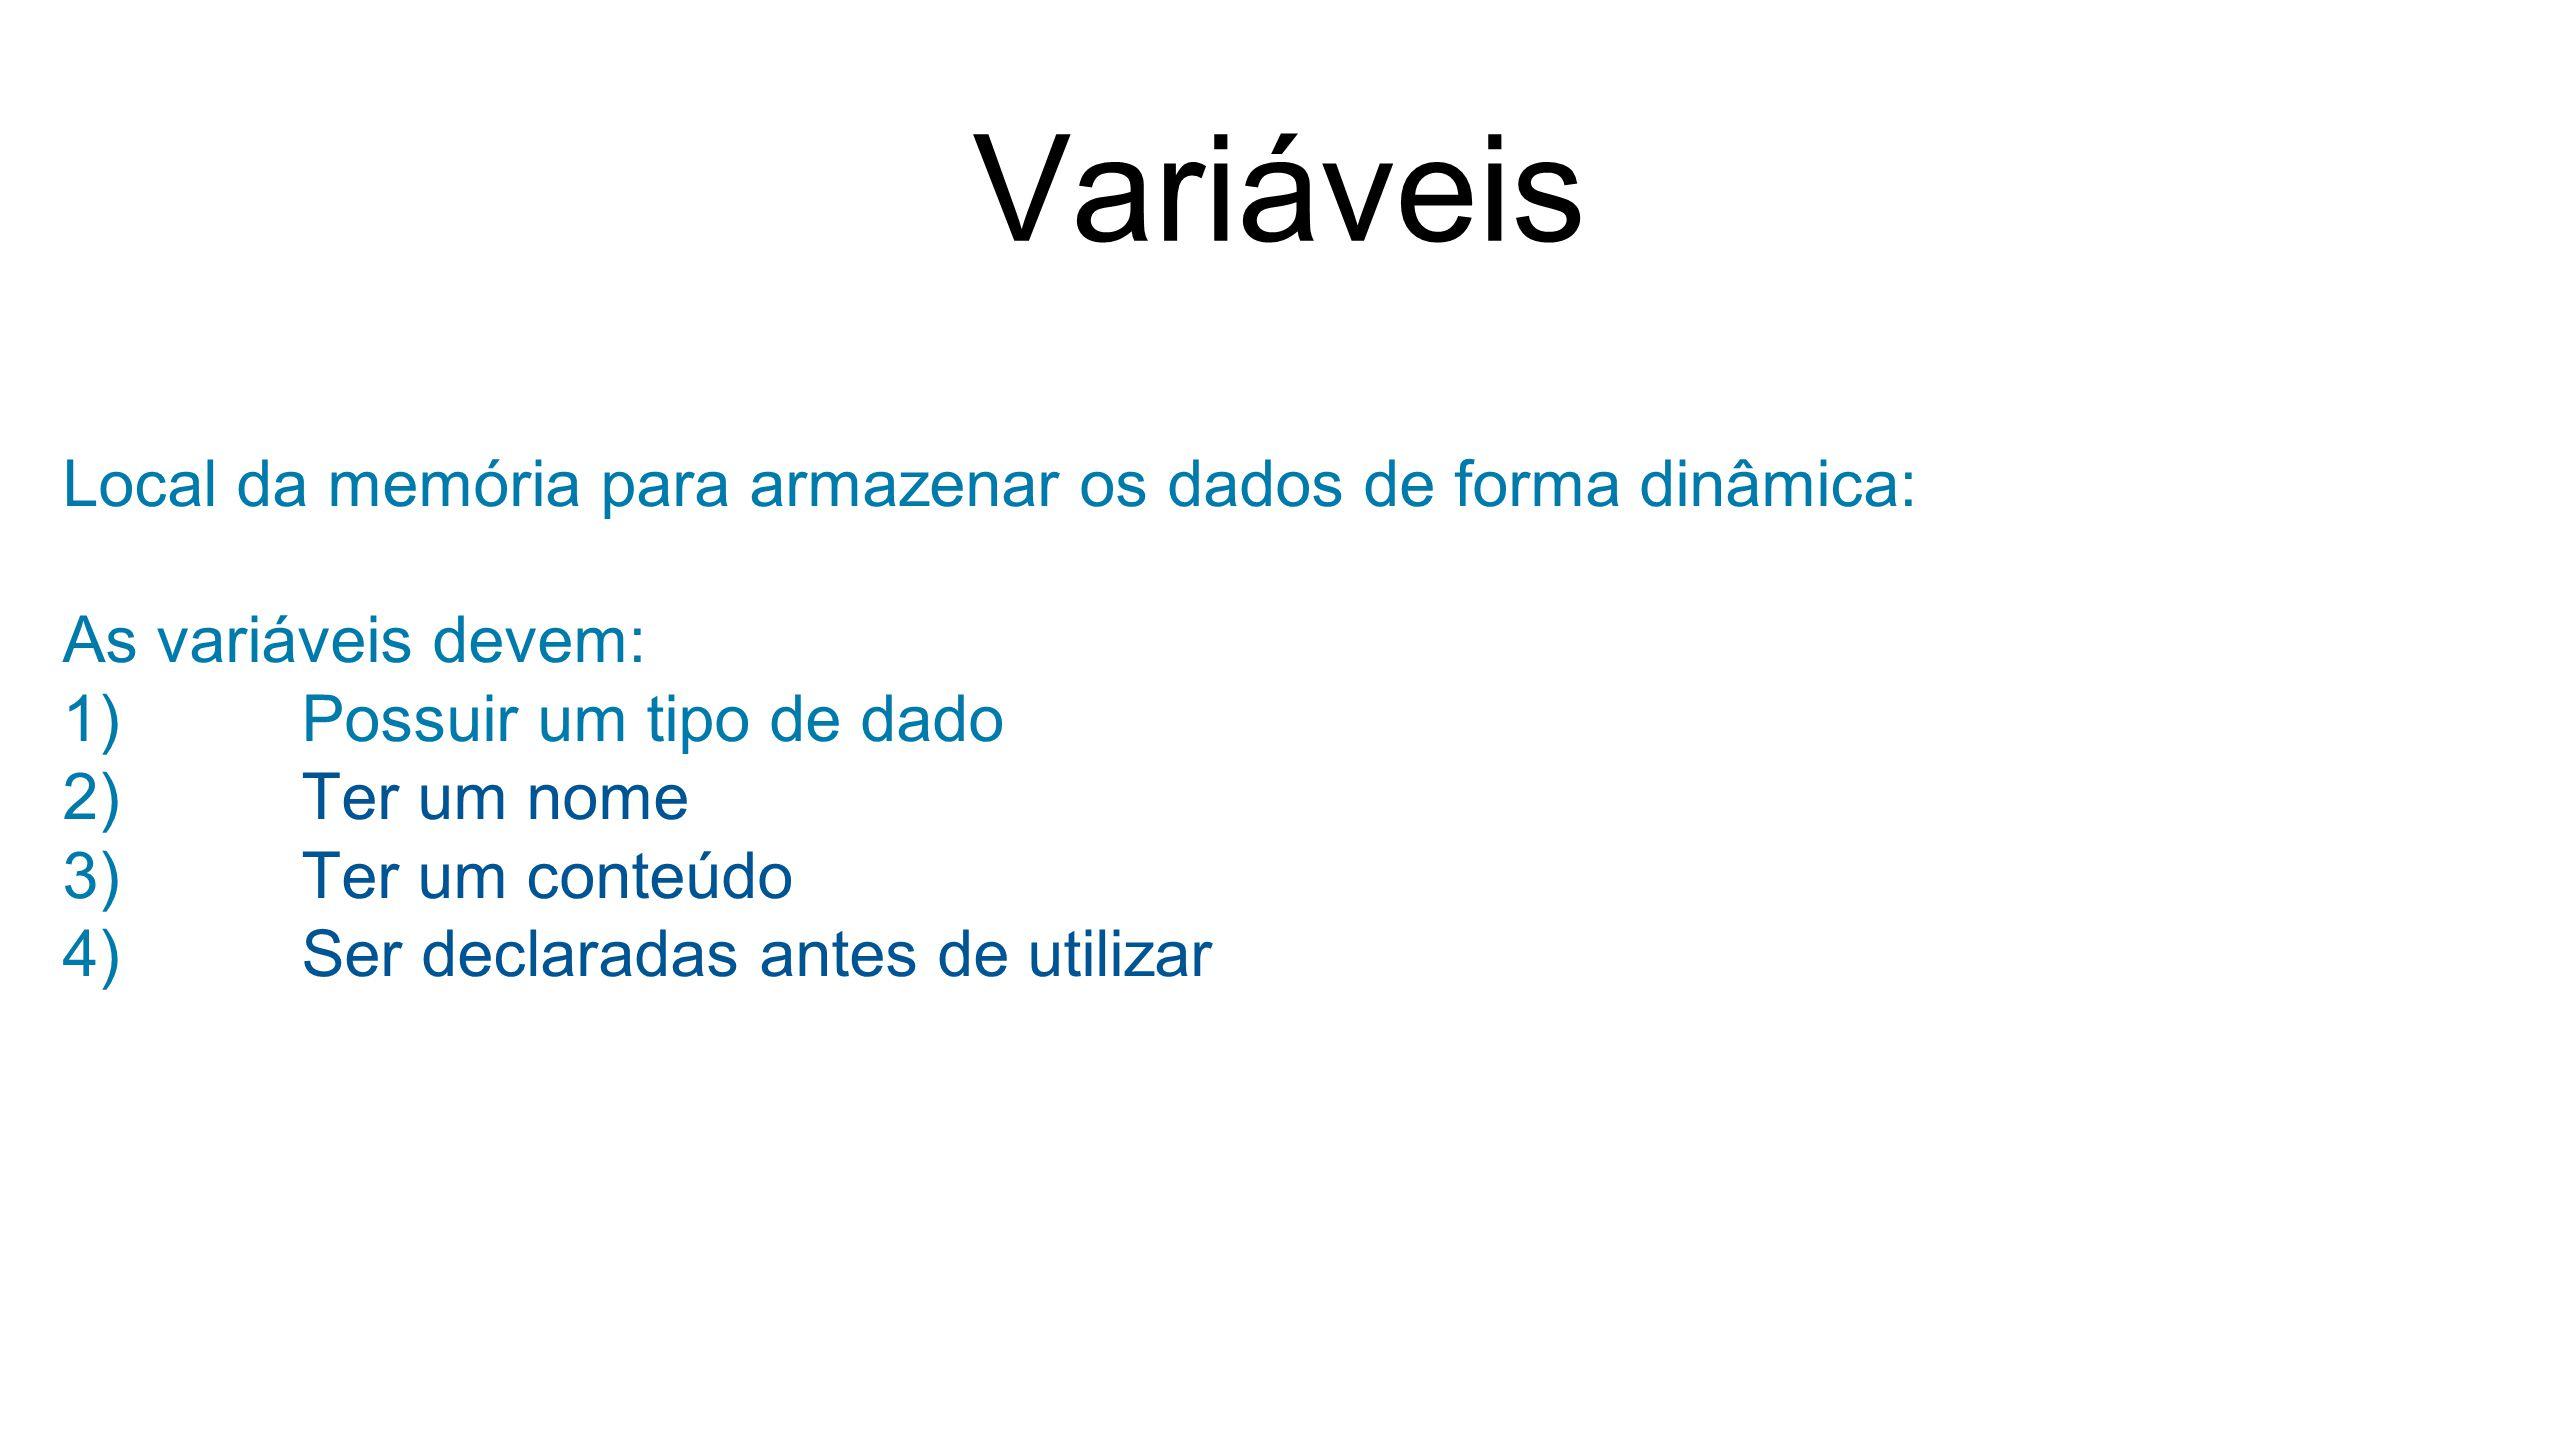 Variáveis Local da memória para armazenar os dados de forma dinâmica: As variáveis devem: 1)Possuir um tipo de dado 2)Ter um nome 3)Ter um conteúdo 4)